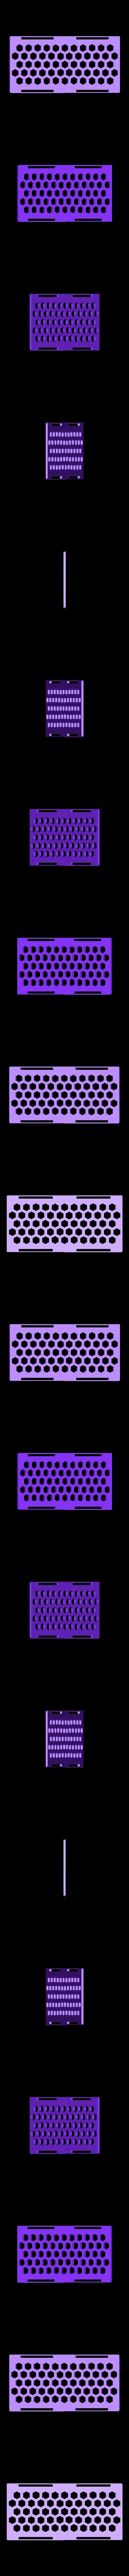 BASE.stl Télécharger fichier STL gratuit Soporte rollos filamento / Porte-bobine • Plan à imprimer en 3D, adrihernan107